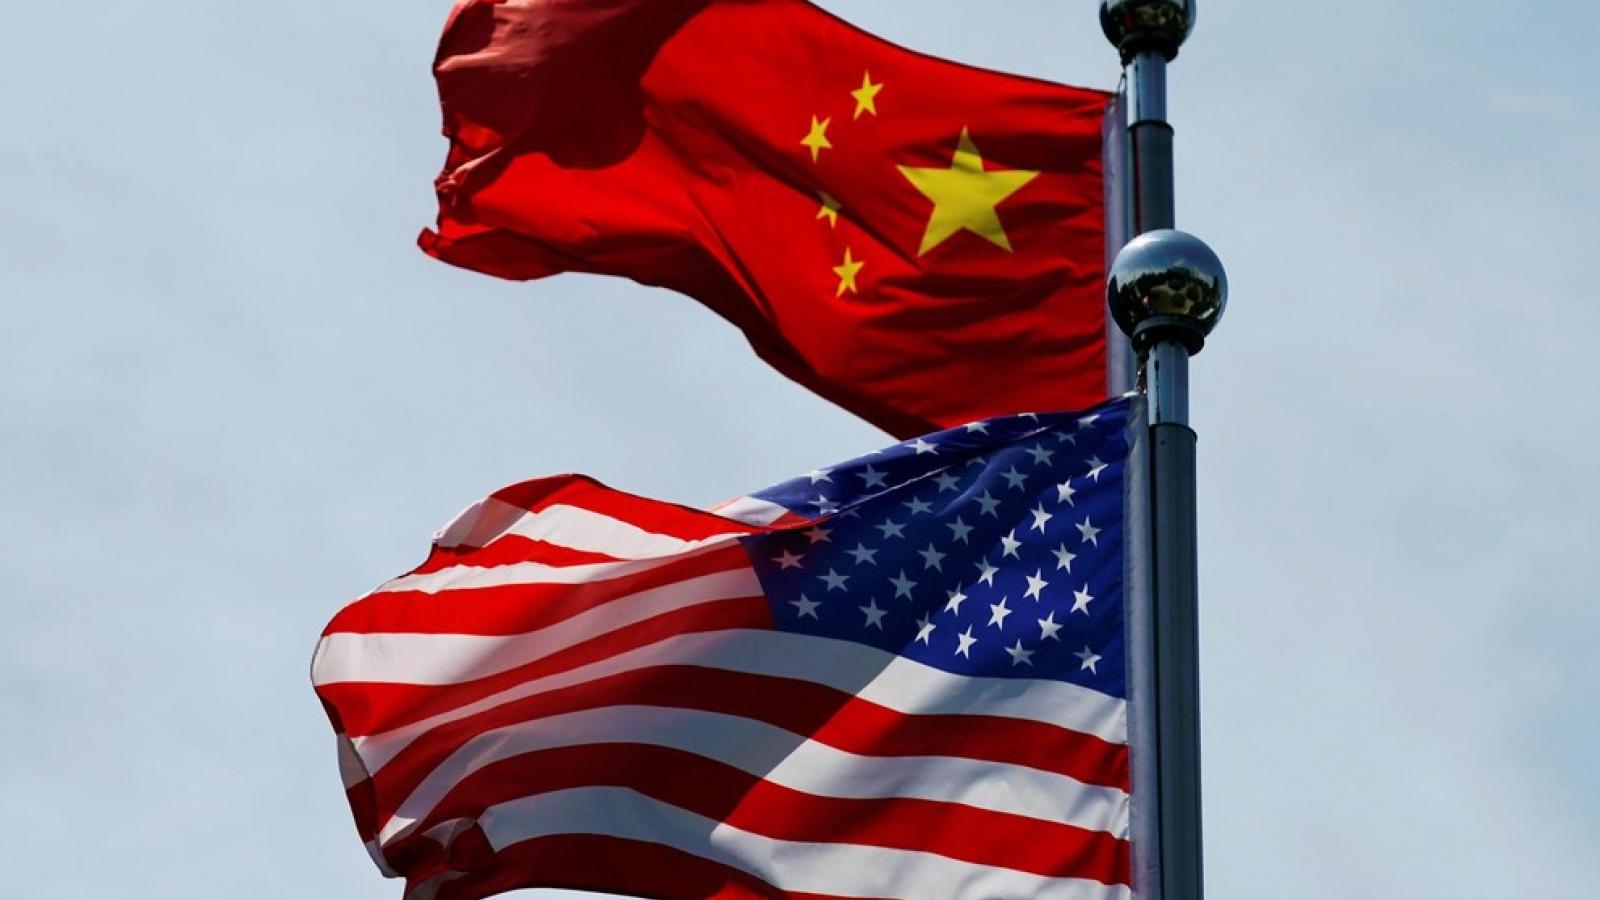 """Quan hệ Mỹ - Trung liệu có rơi vào """"Chiến tranh Lạnh""""?"""